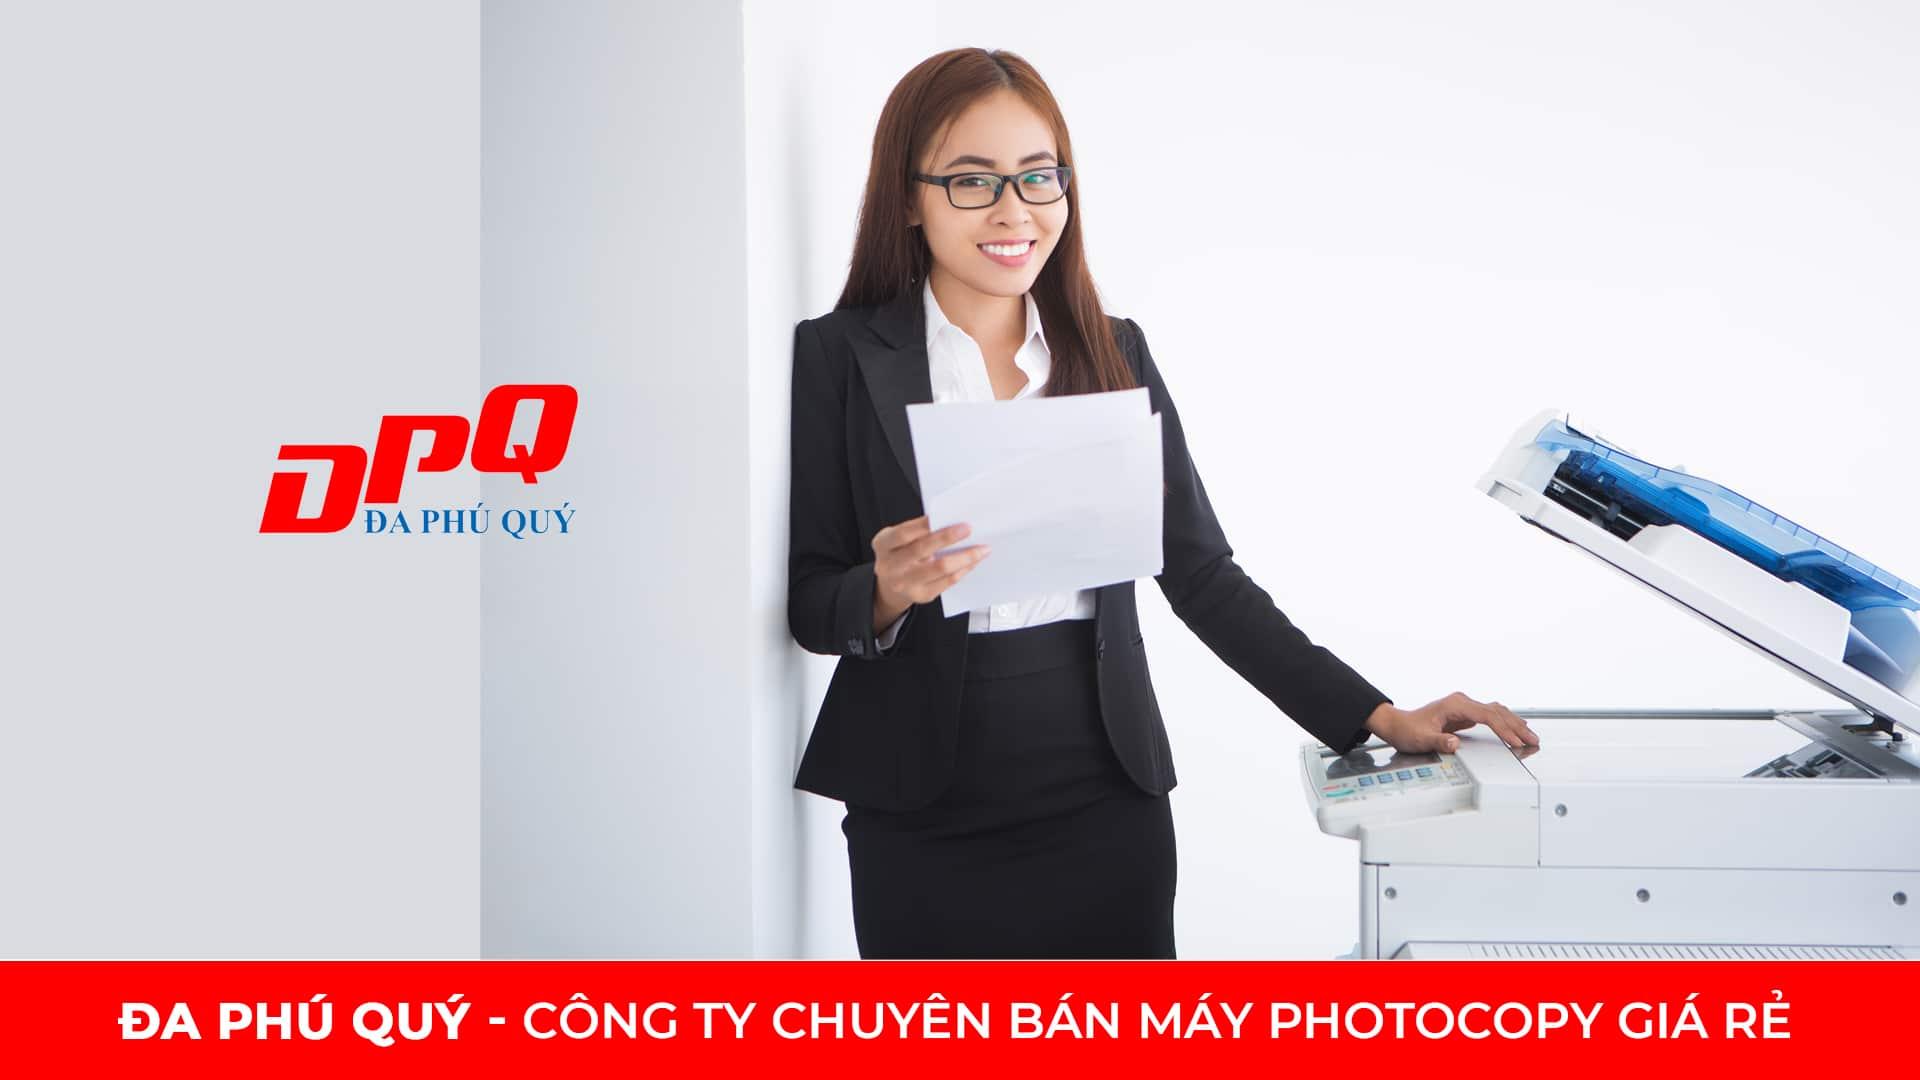 Mua máy photocopy giá rẻ ở đâu?